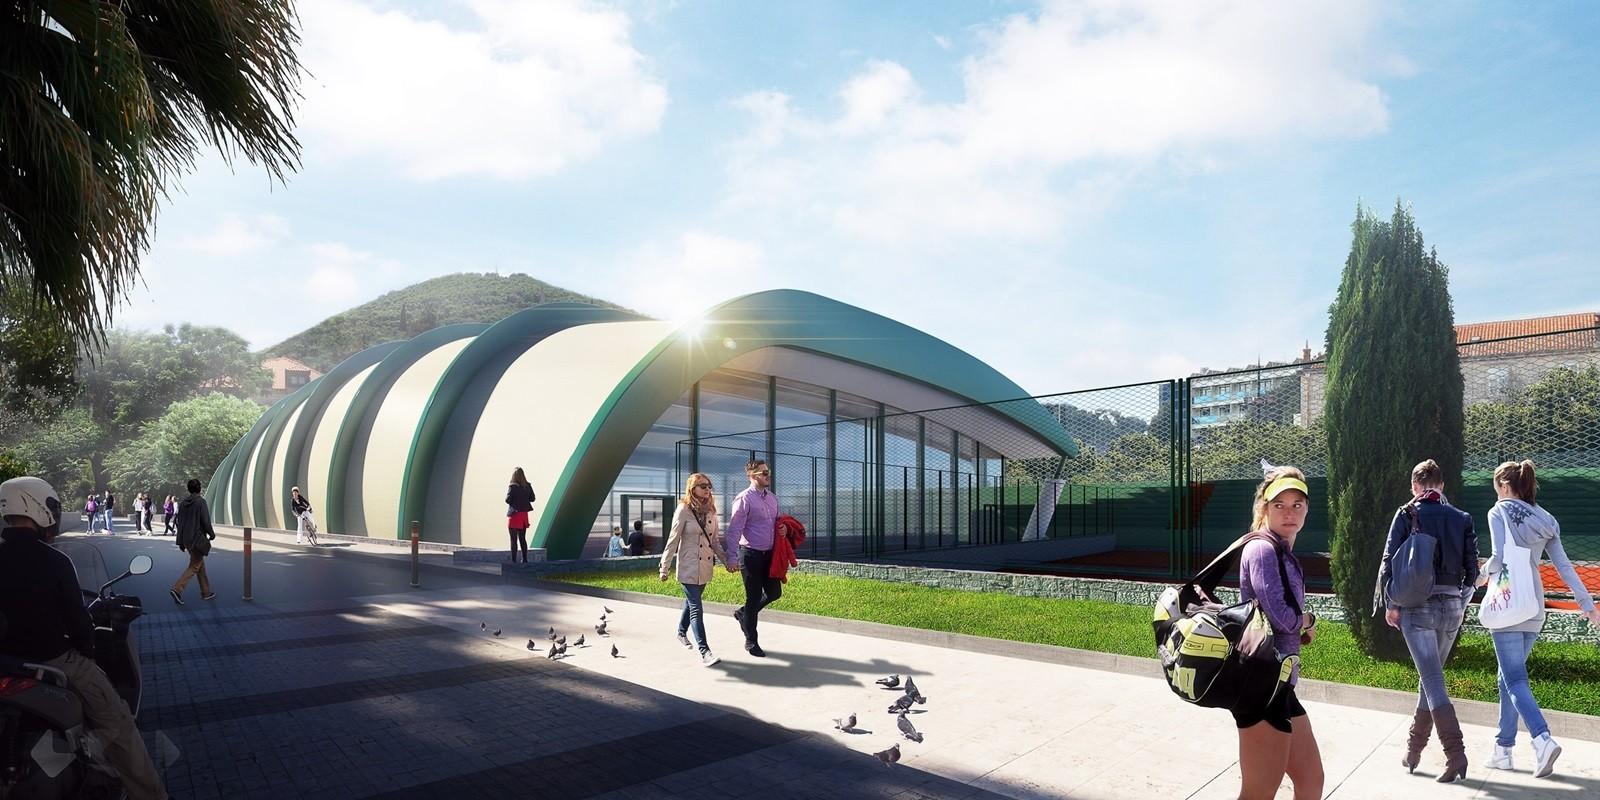 Izdana građevinska dozvola za projekt tenis dvorane u Lapadu